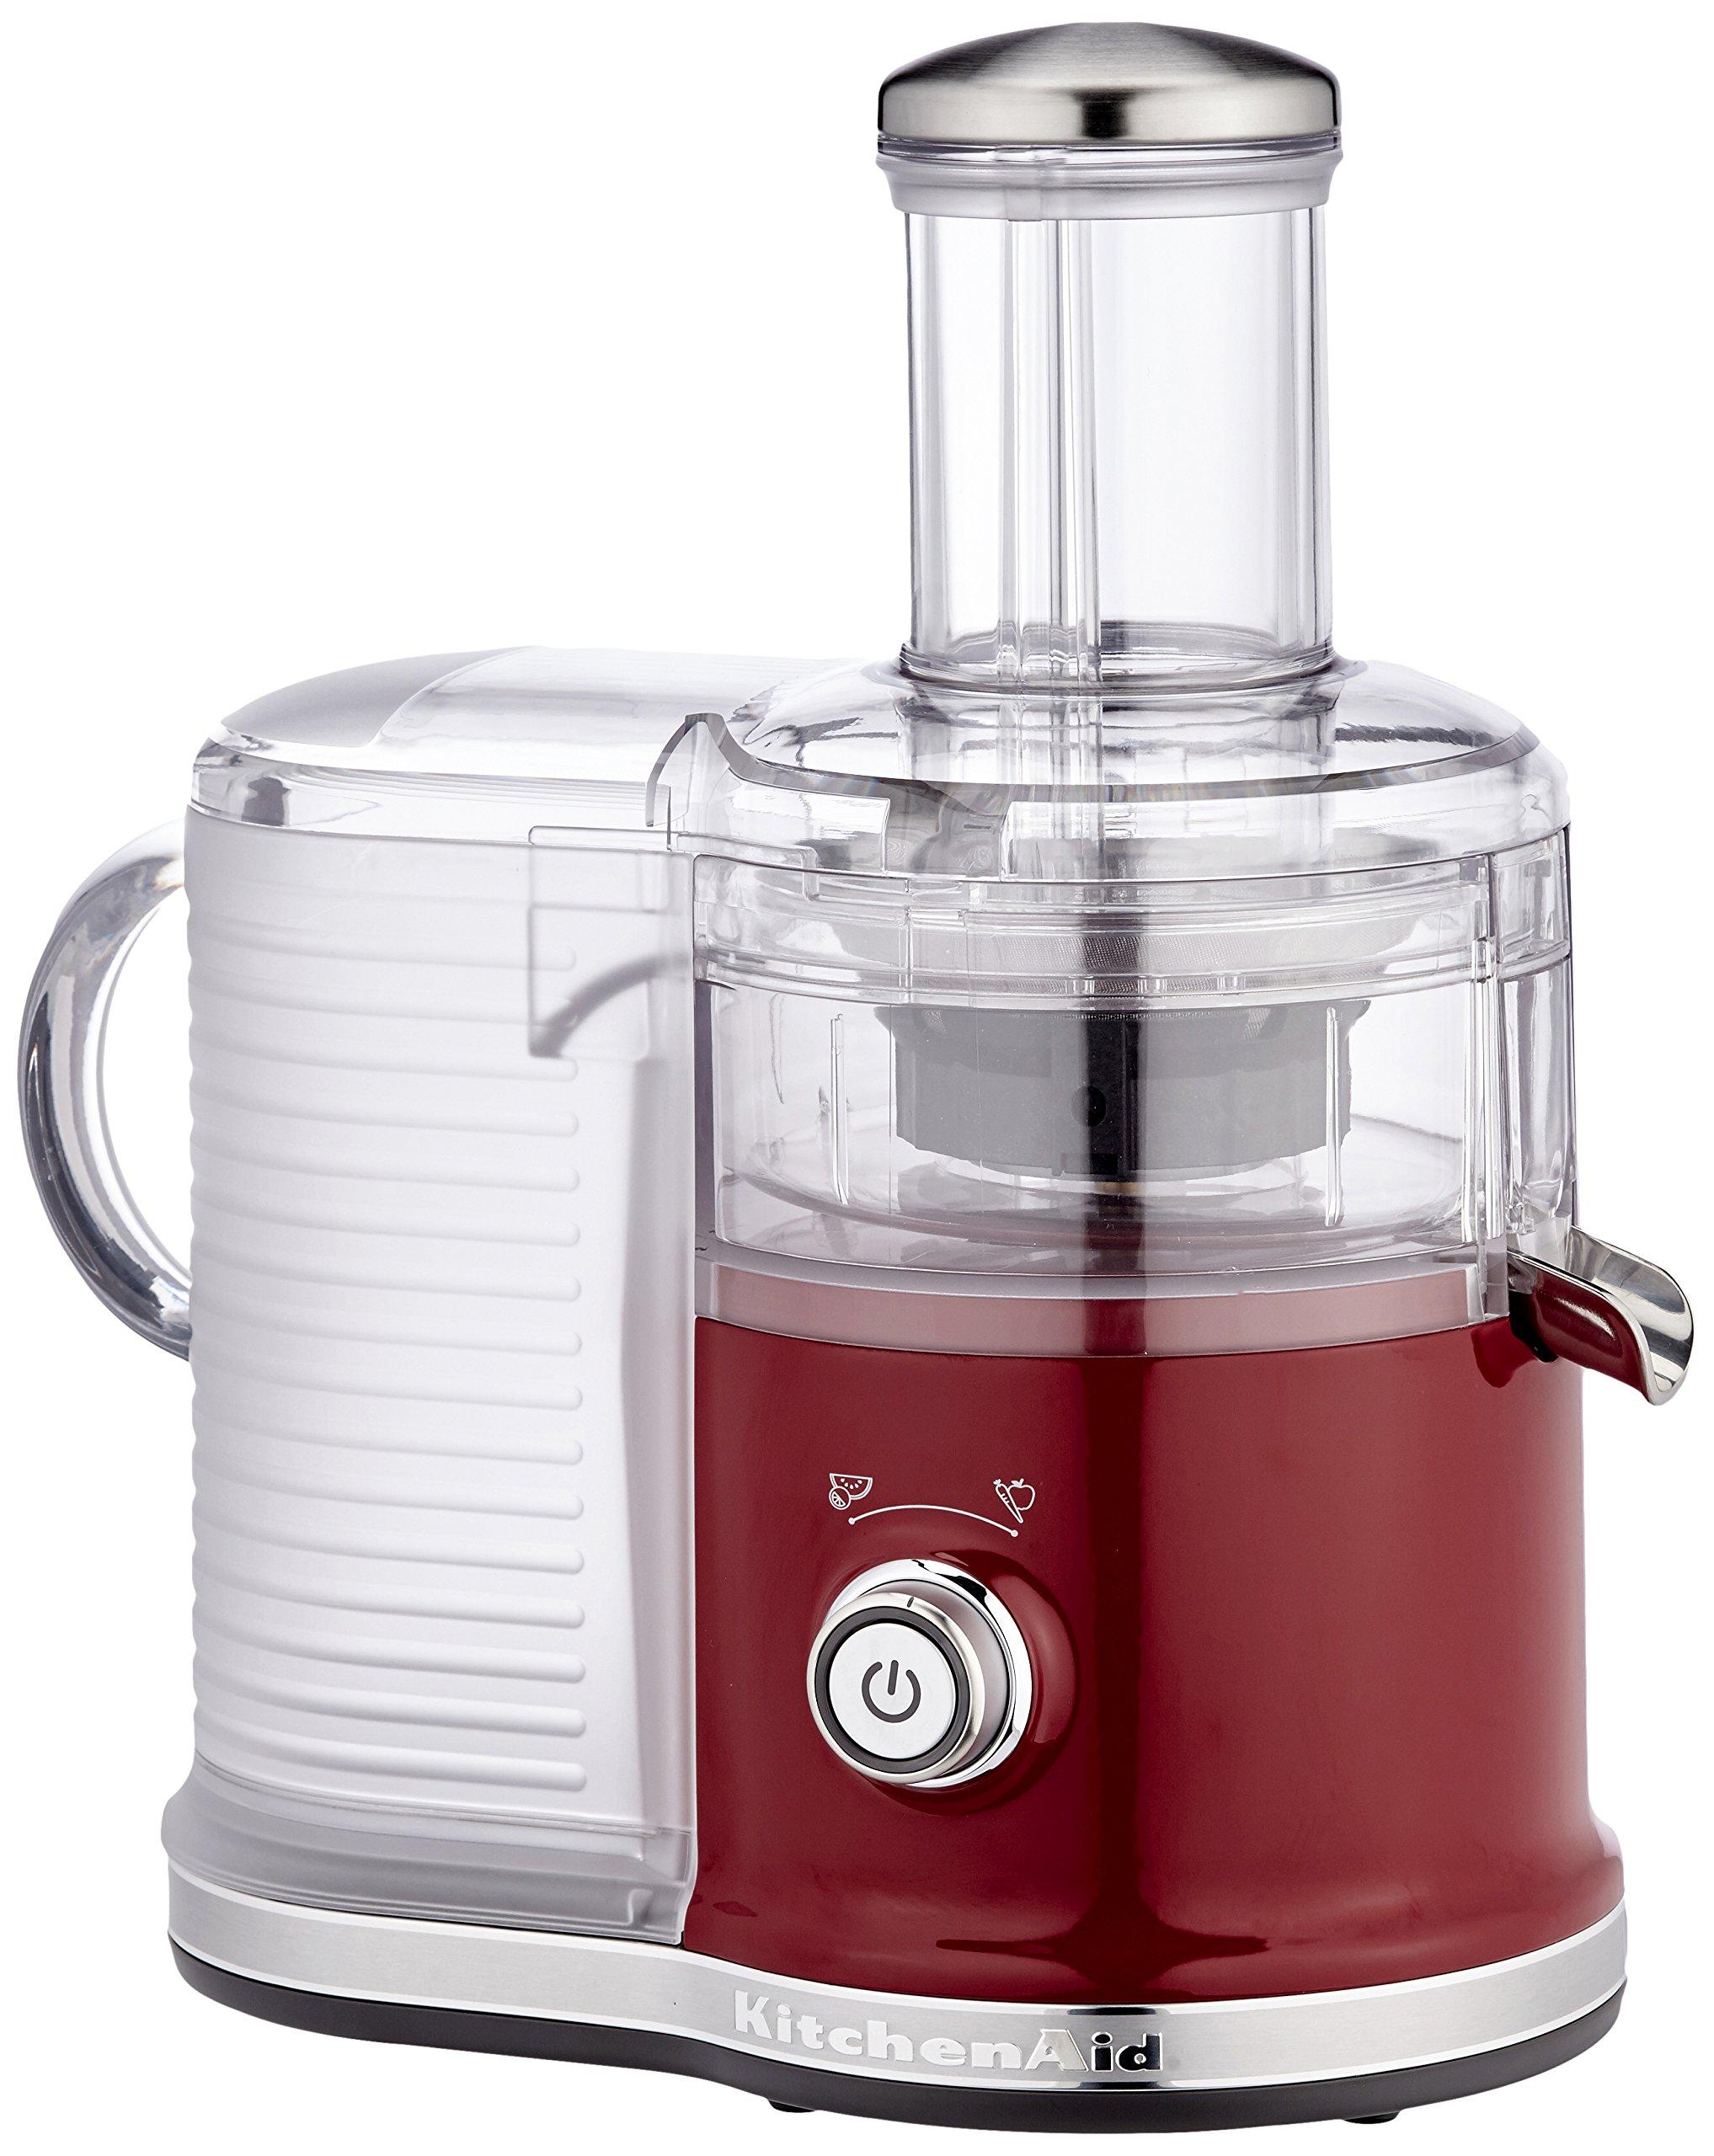 KitchenAid 5KVJ0333ECA Estrattore di succo 500W Rosso, Trasparente spremiagrumi